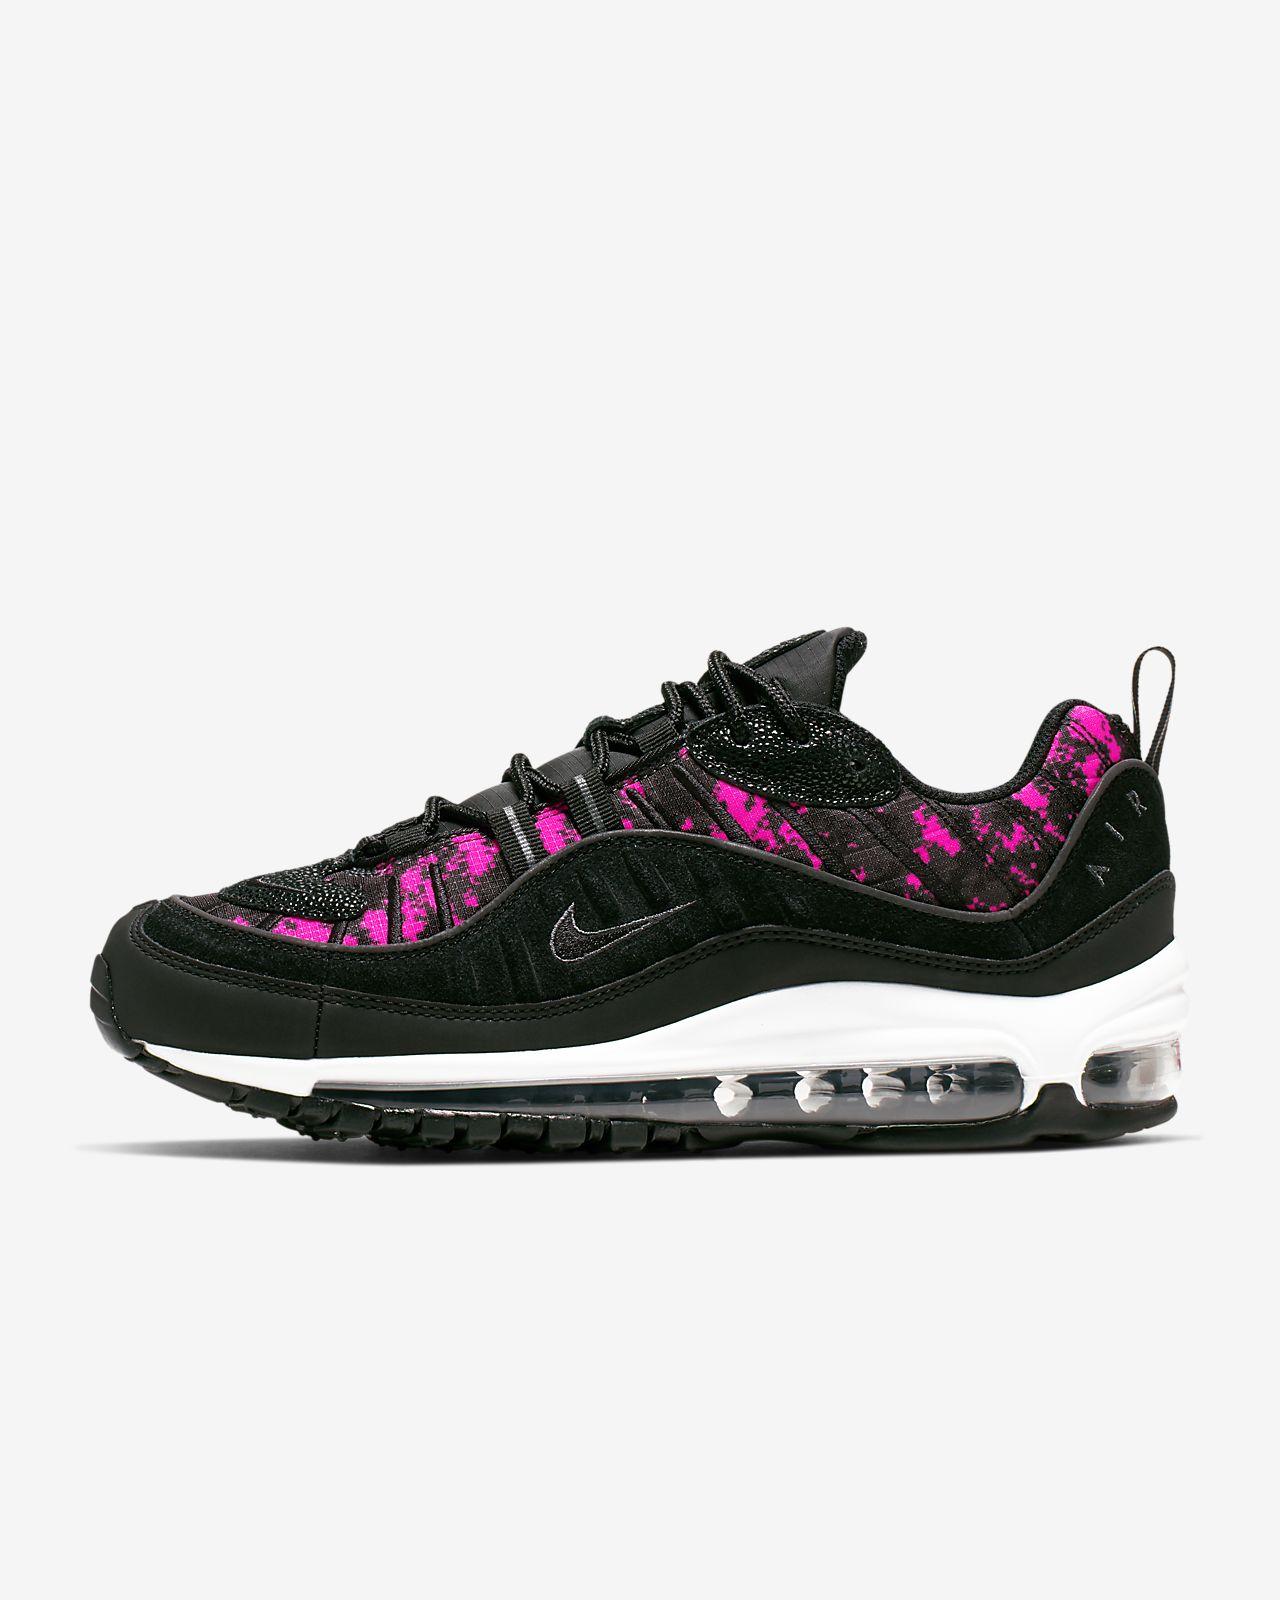 Air Chaussure Pour Femme 98 Camo Premium Nike Max CWrxdBoe